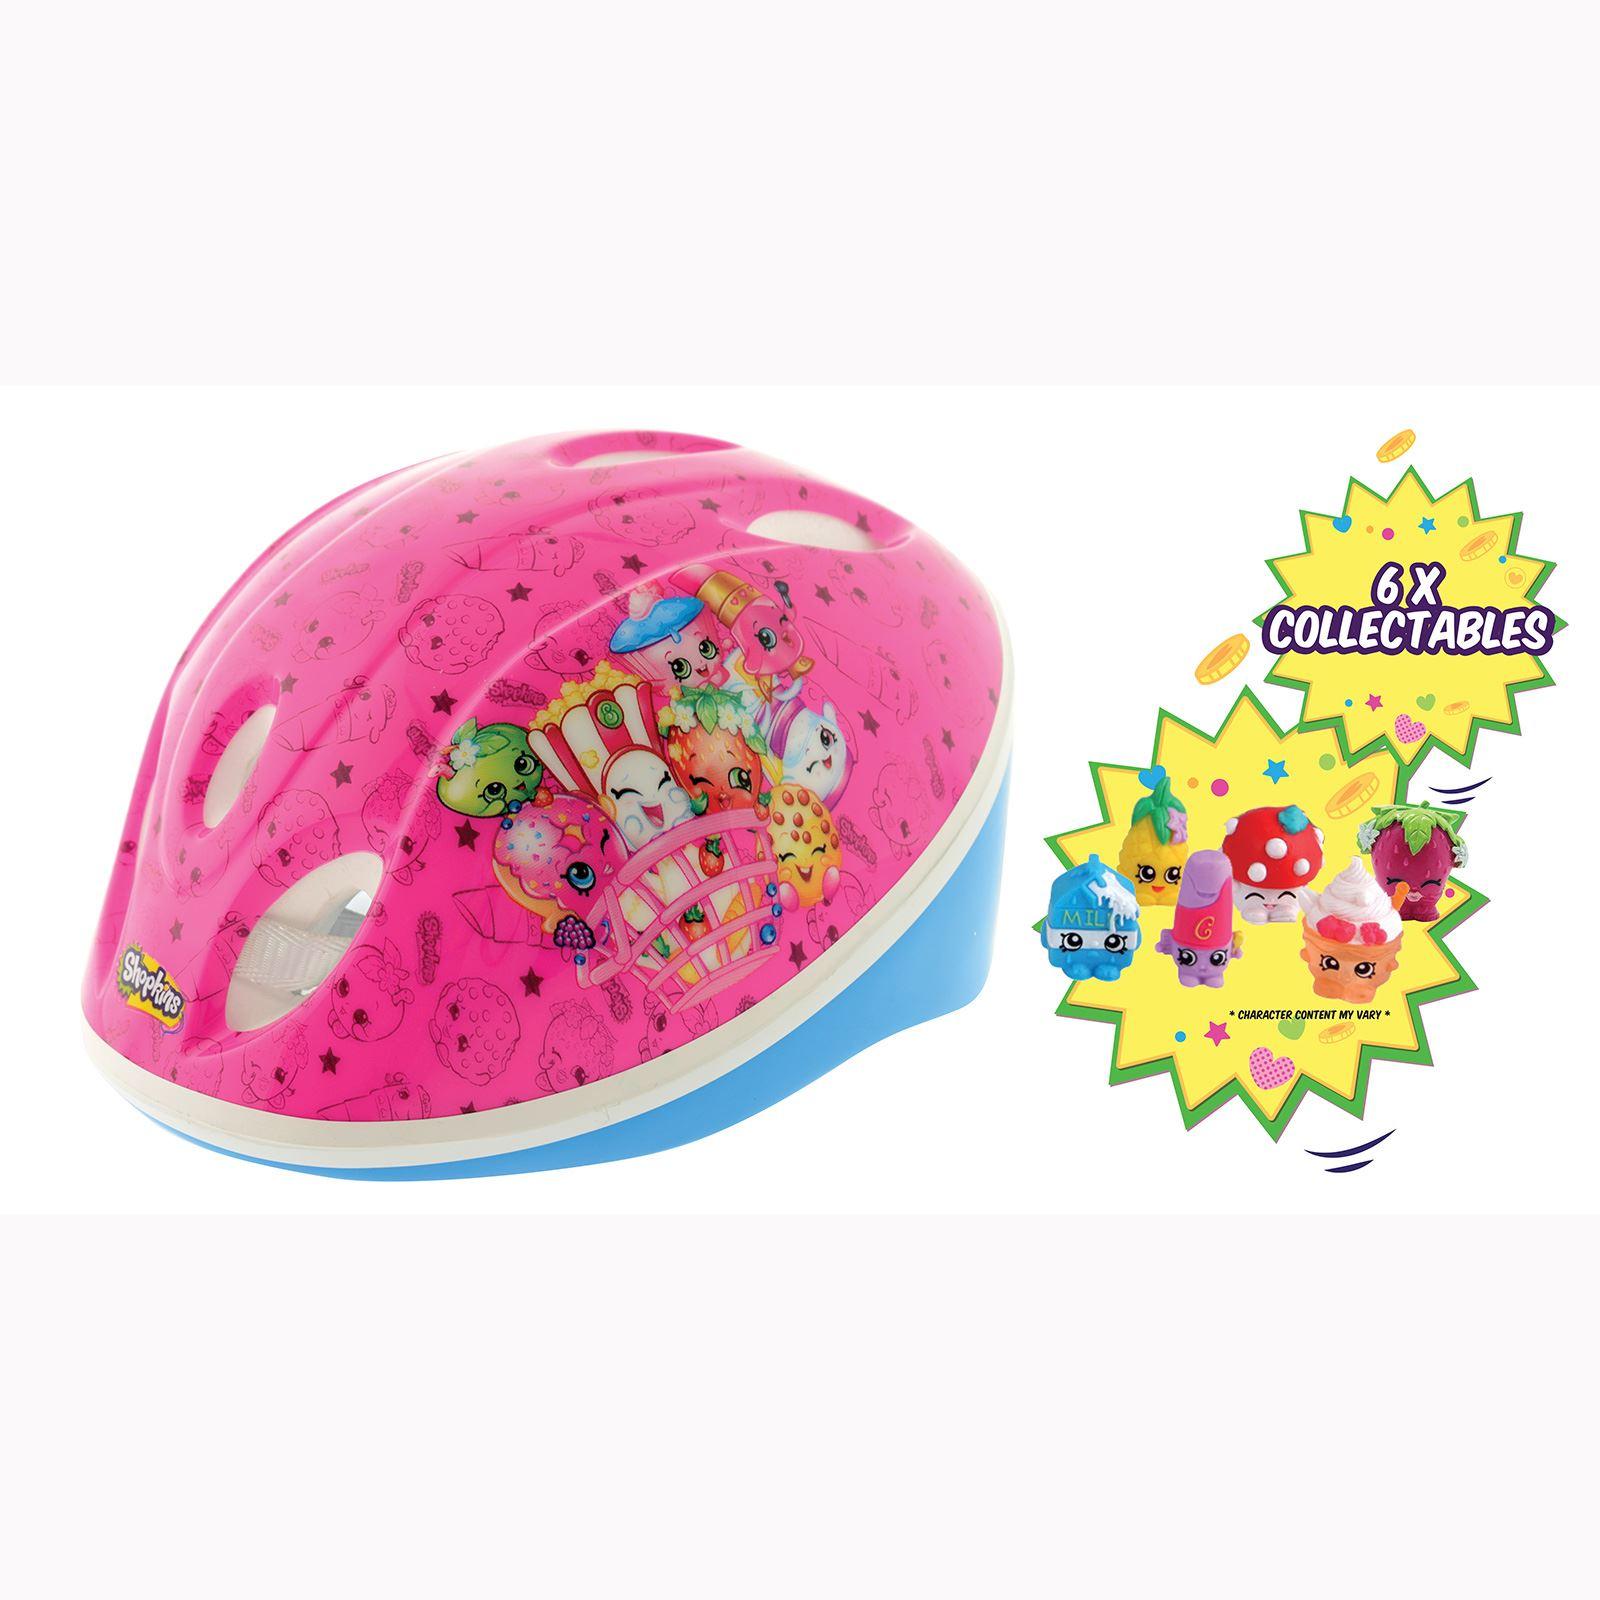 Kinder-Disney-Charakter-Sicherheit-Zyklus-Fahrrad-Helme-Peppa-Pig-PJ-Masken-amp-mehr Indexbild 27